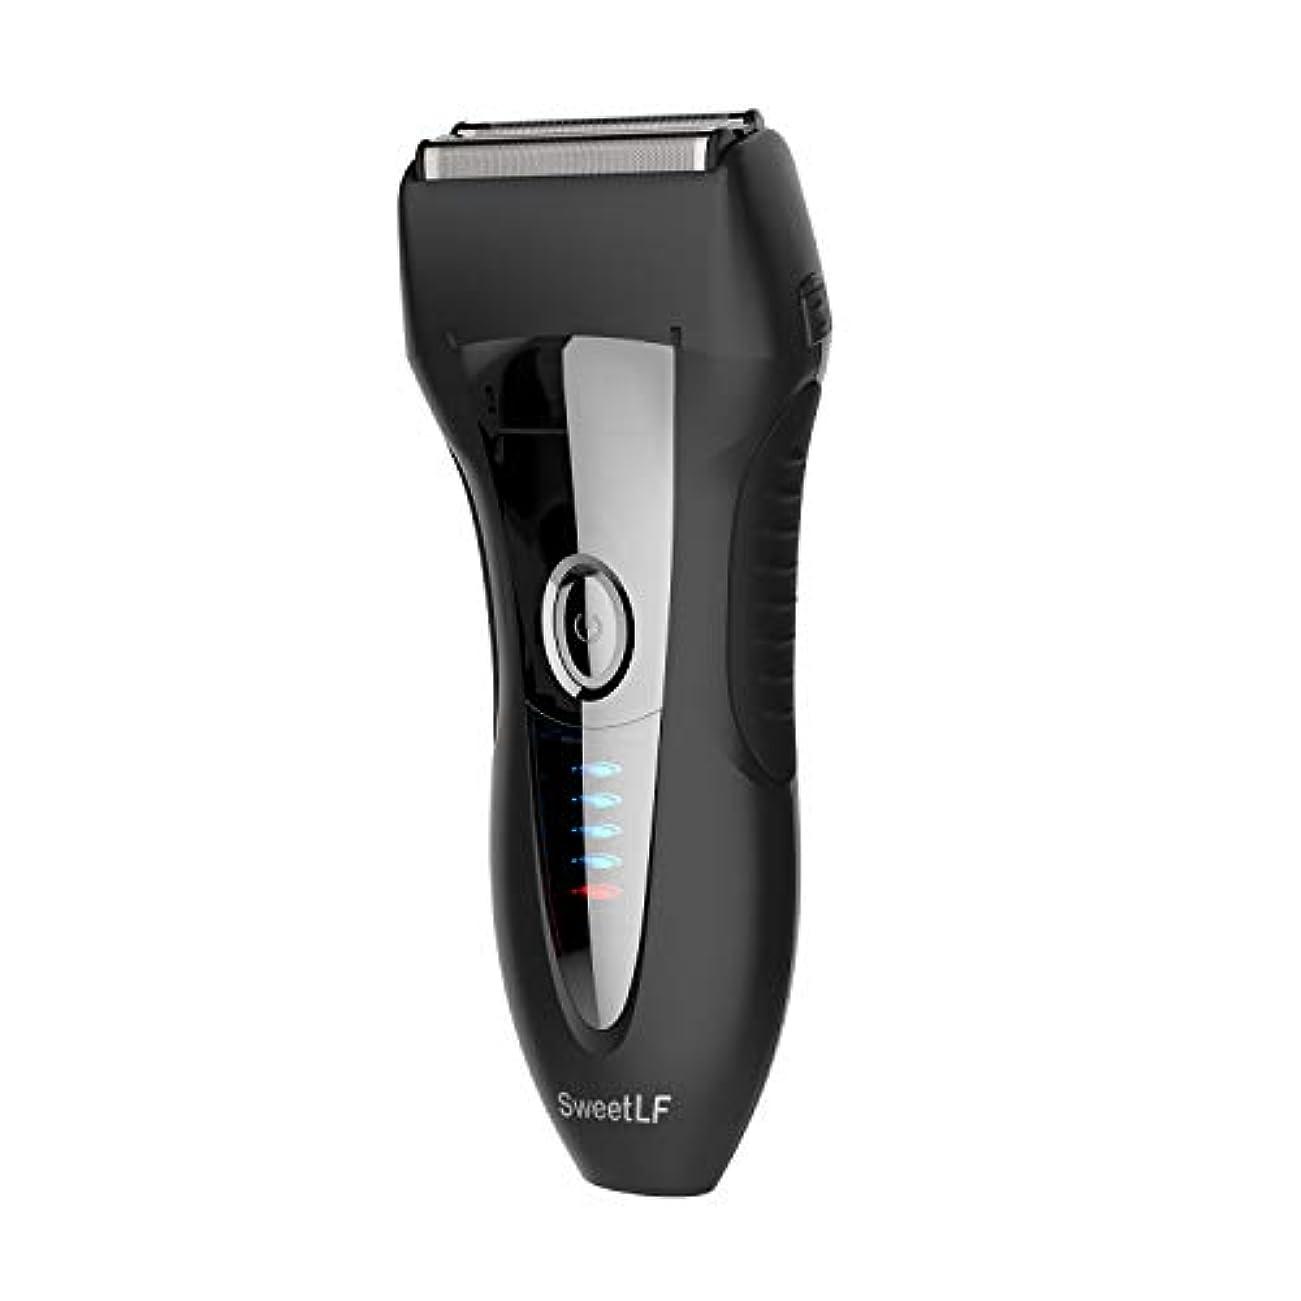 タイヤ全国優雅なSweetLF シェーバー メンズ 電気シェーバー ひげそり 電気カミソリ 往復式 3枚刃 USB充電式 お風呂剃り可 LED電源残量表示 トリマー付き